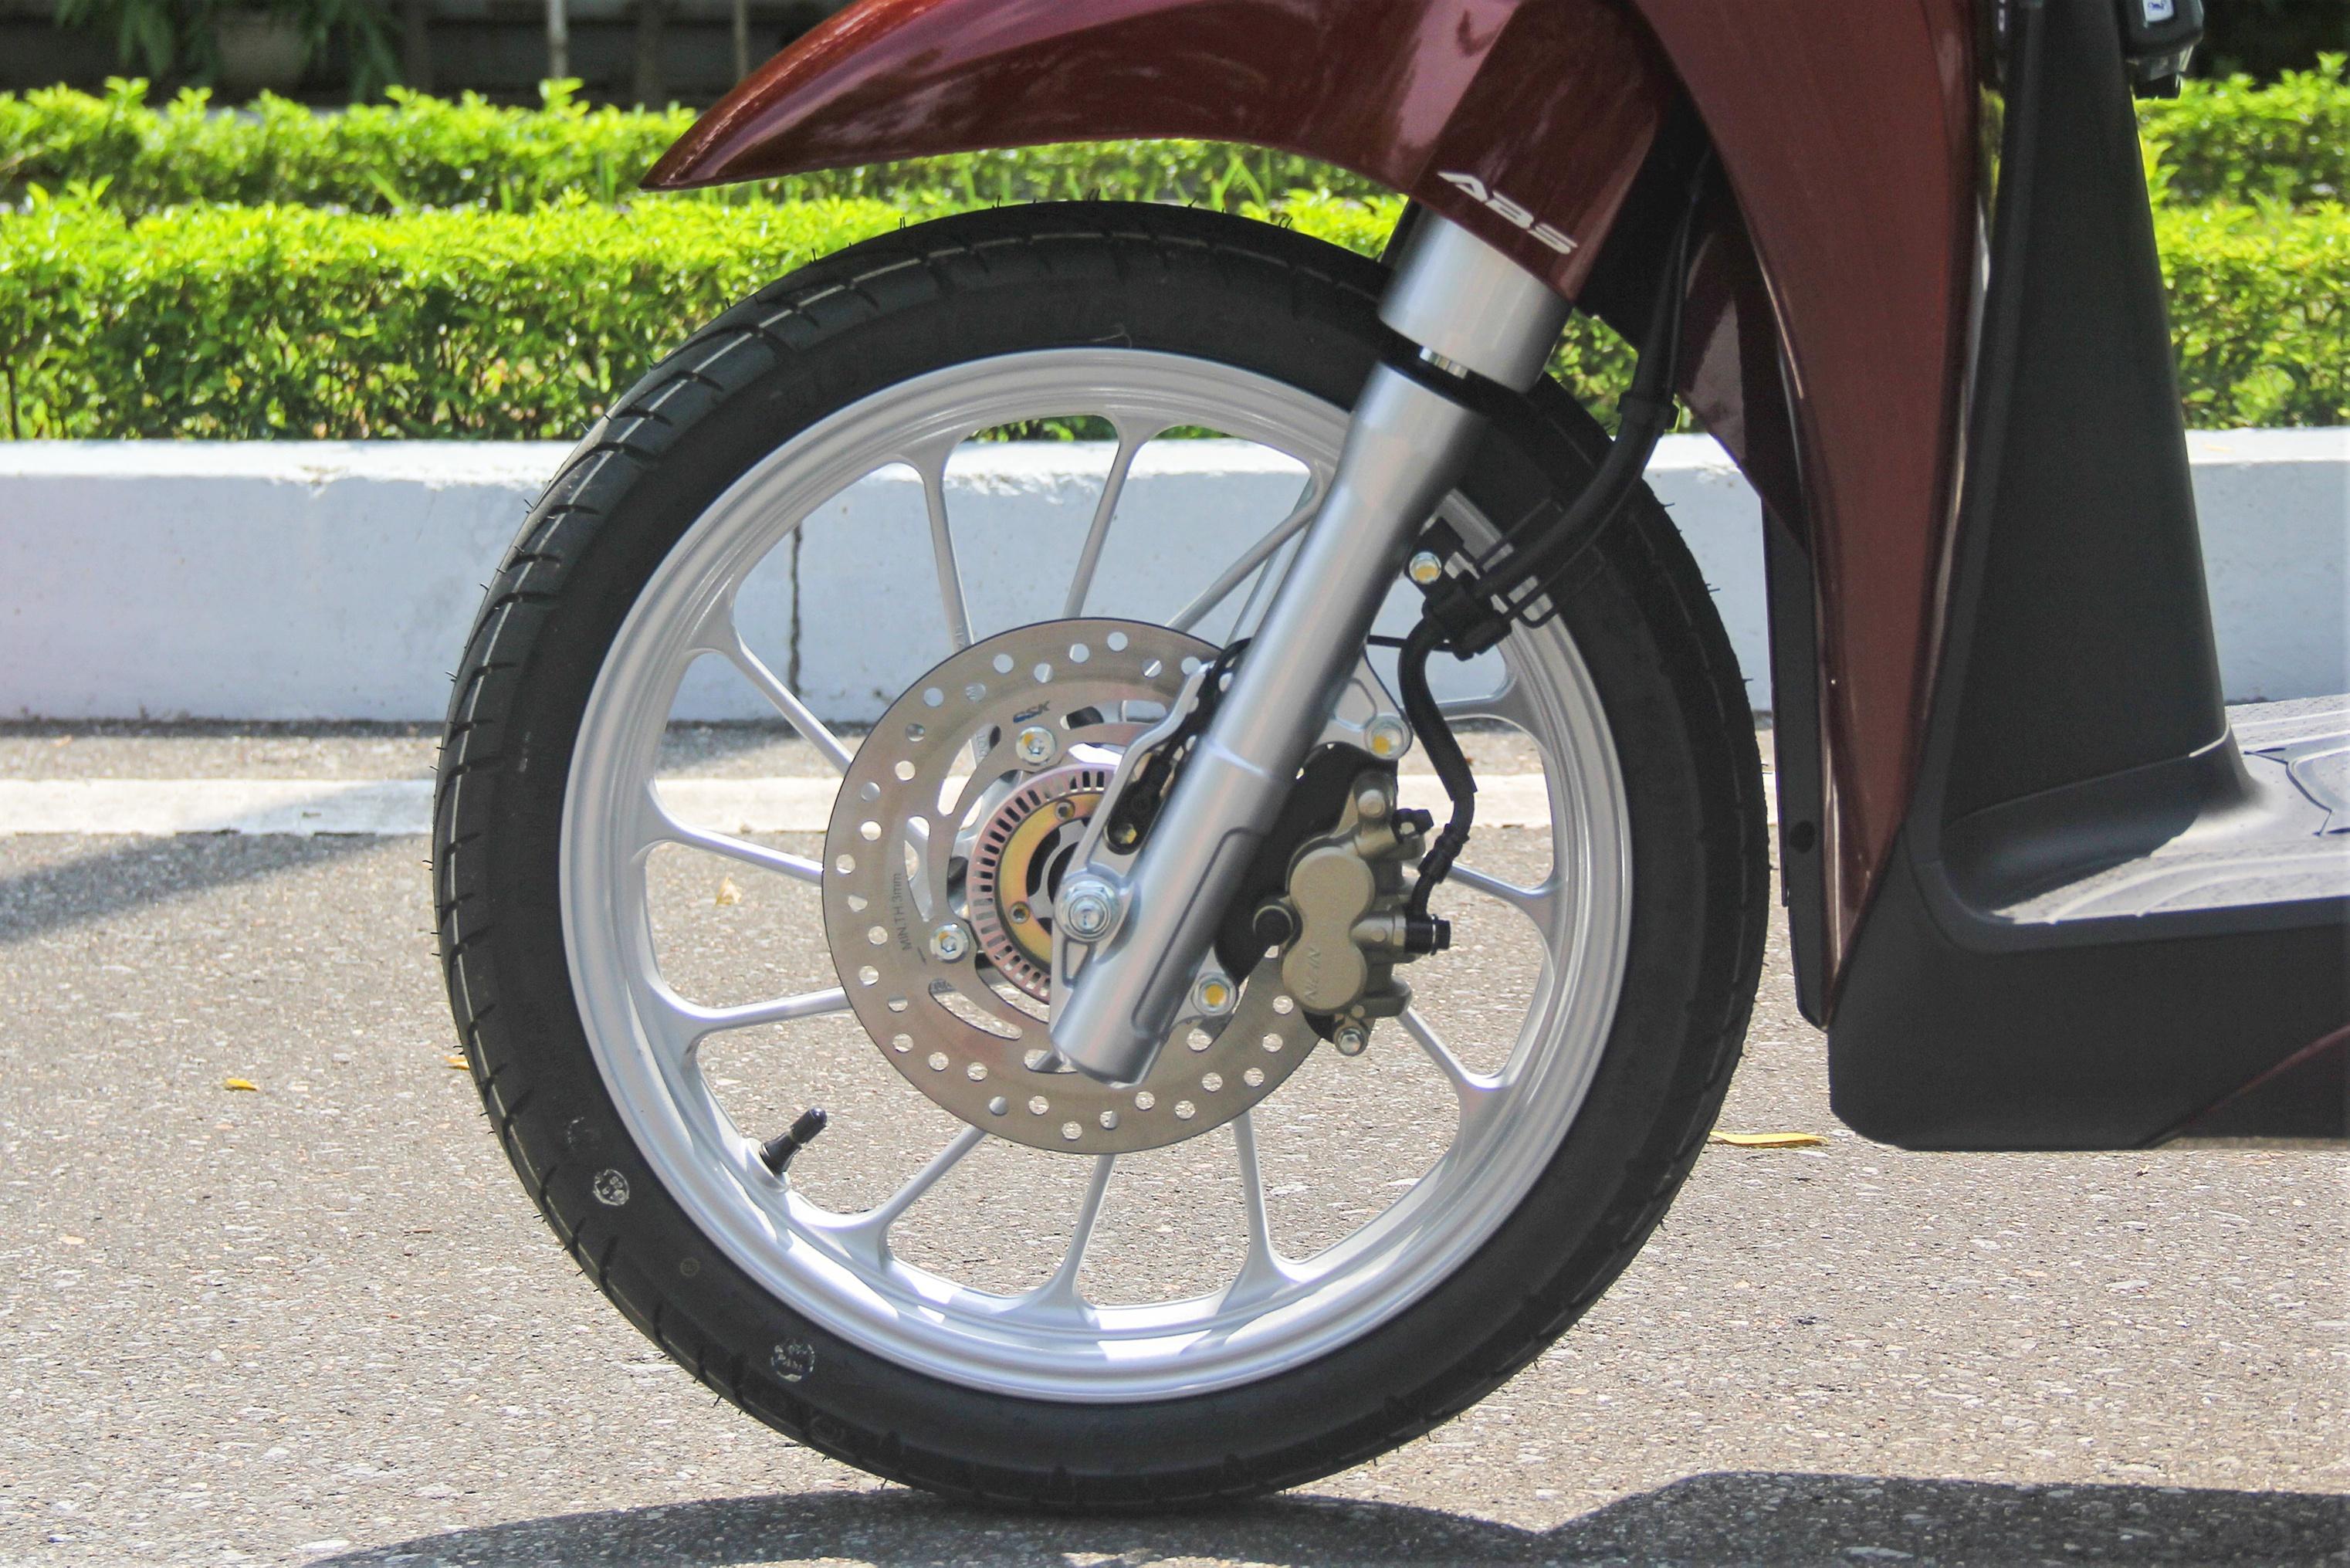 Gia lan banh tay ga 125 cc co phanh ABS anh 14